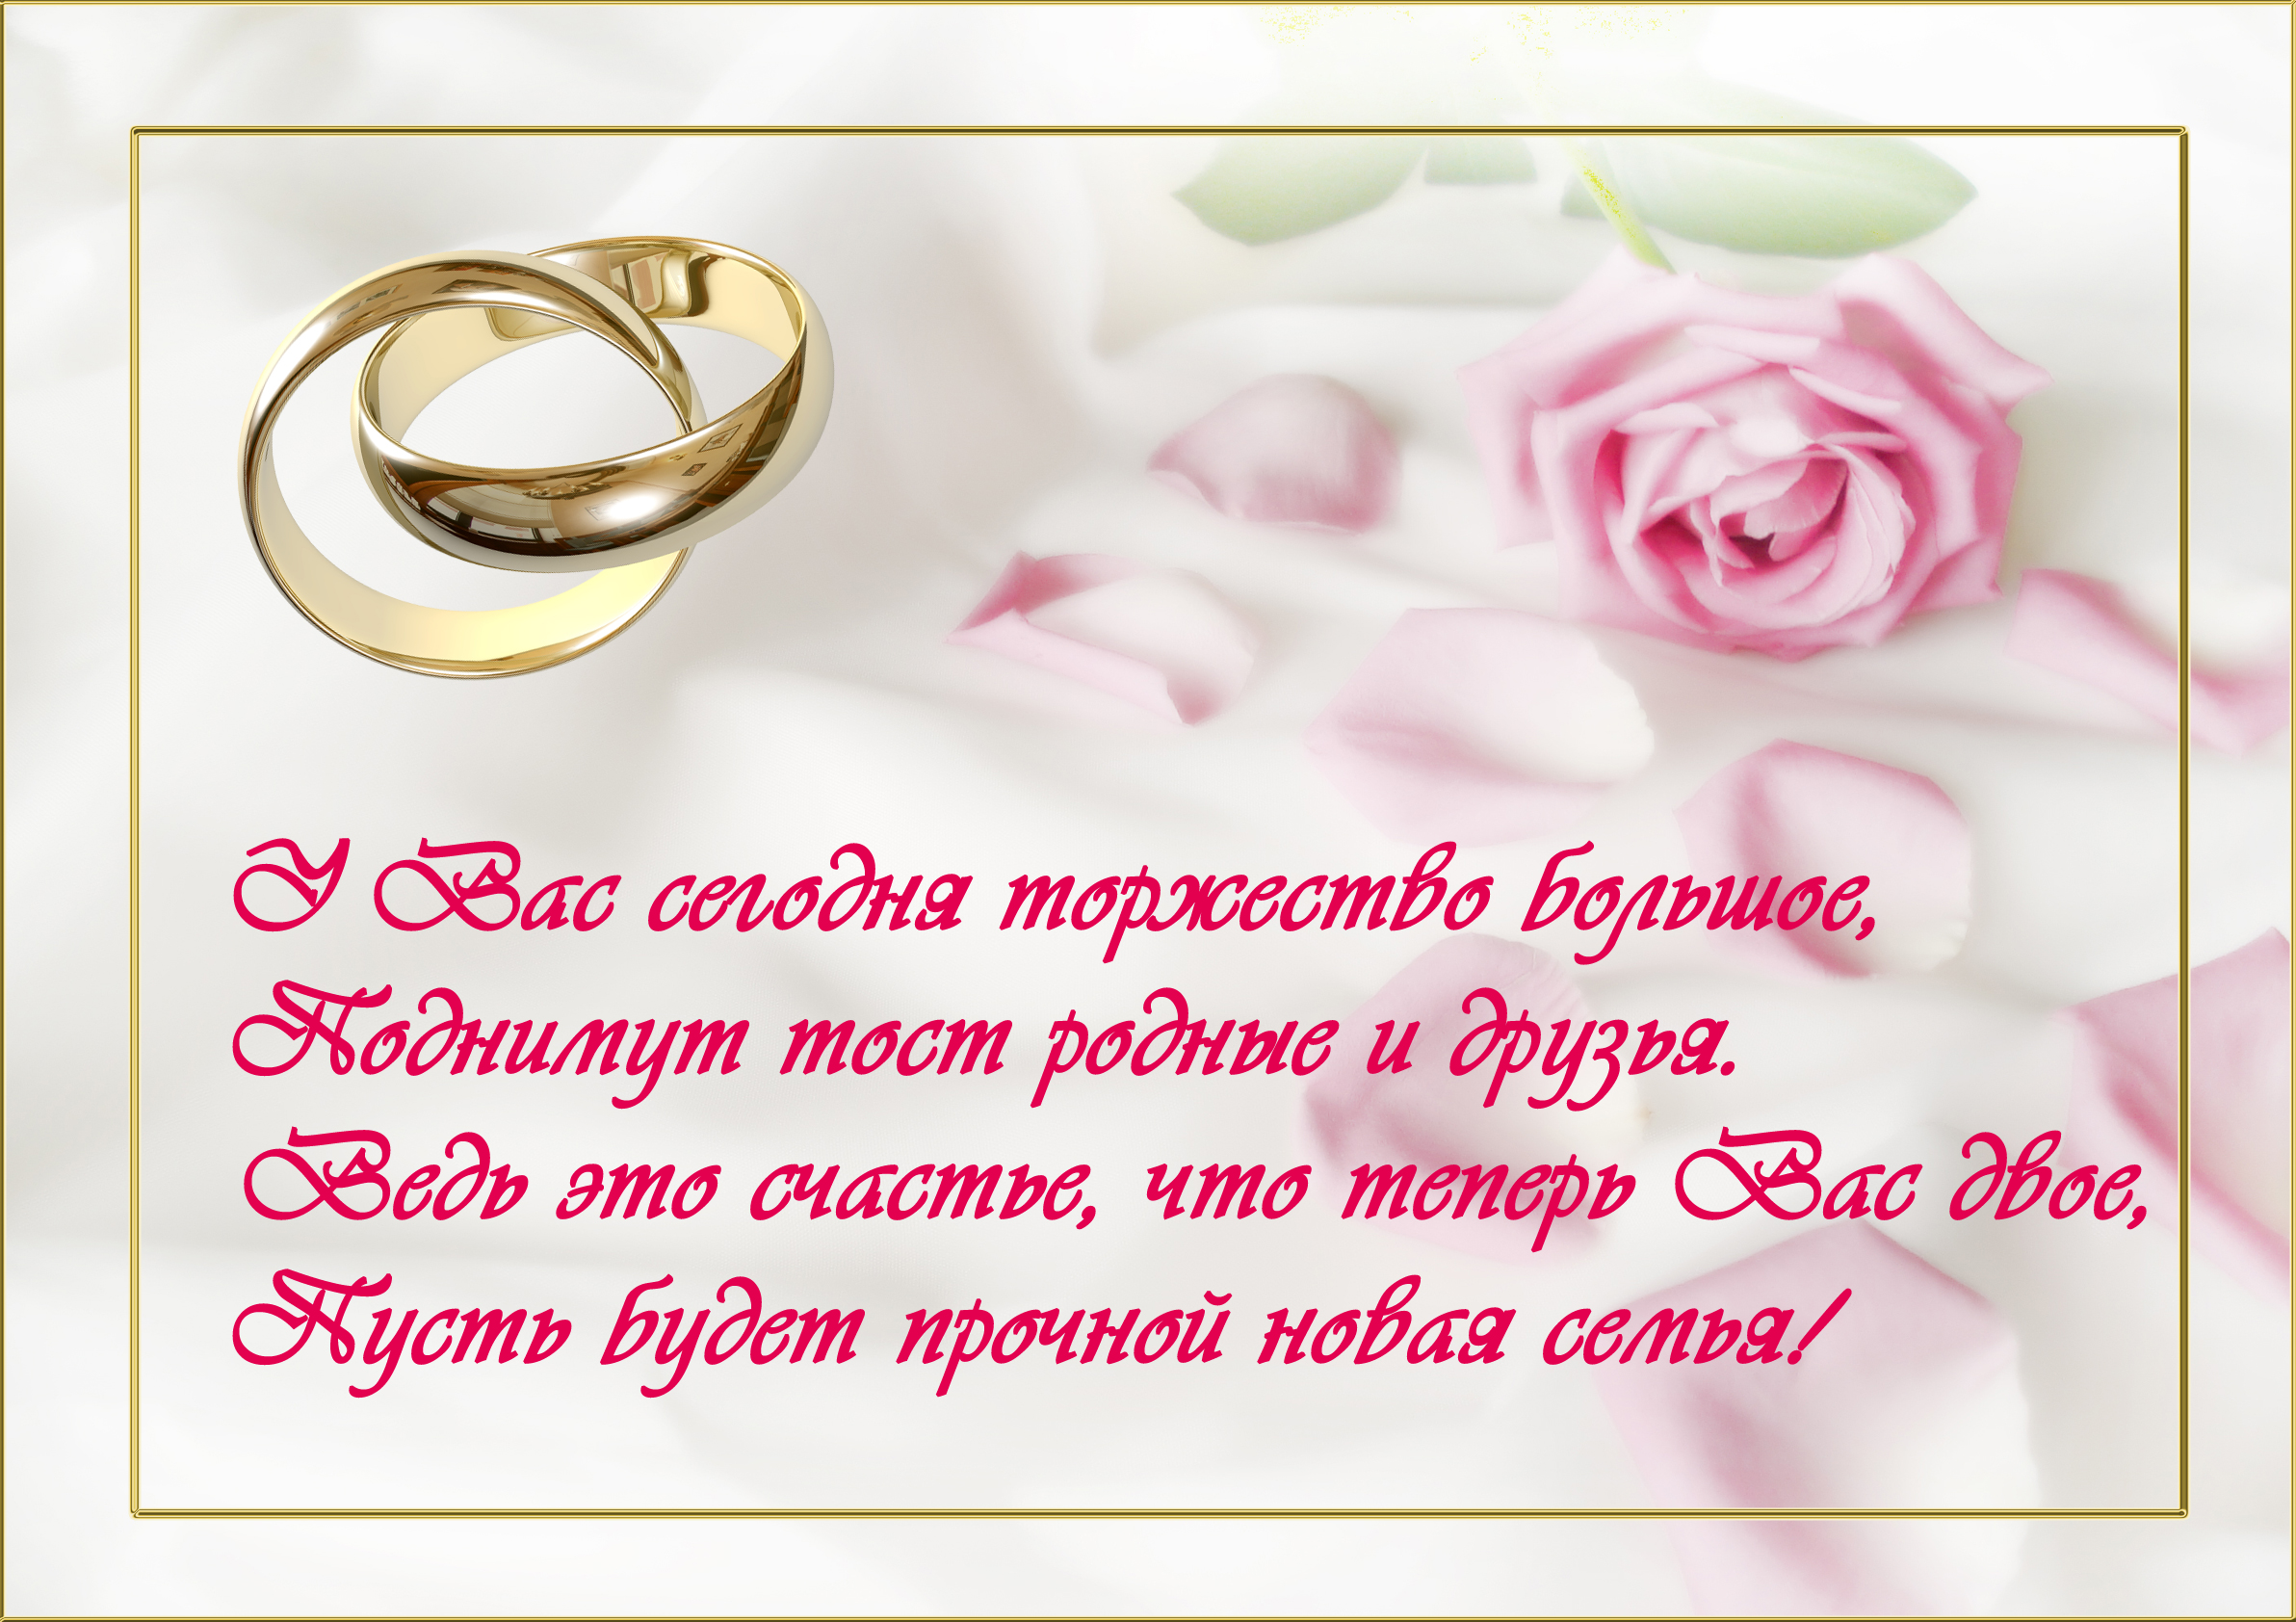 Очень красивое поздравления в день свадьбы